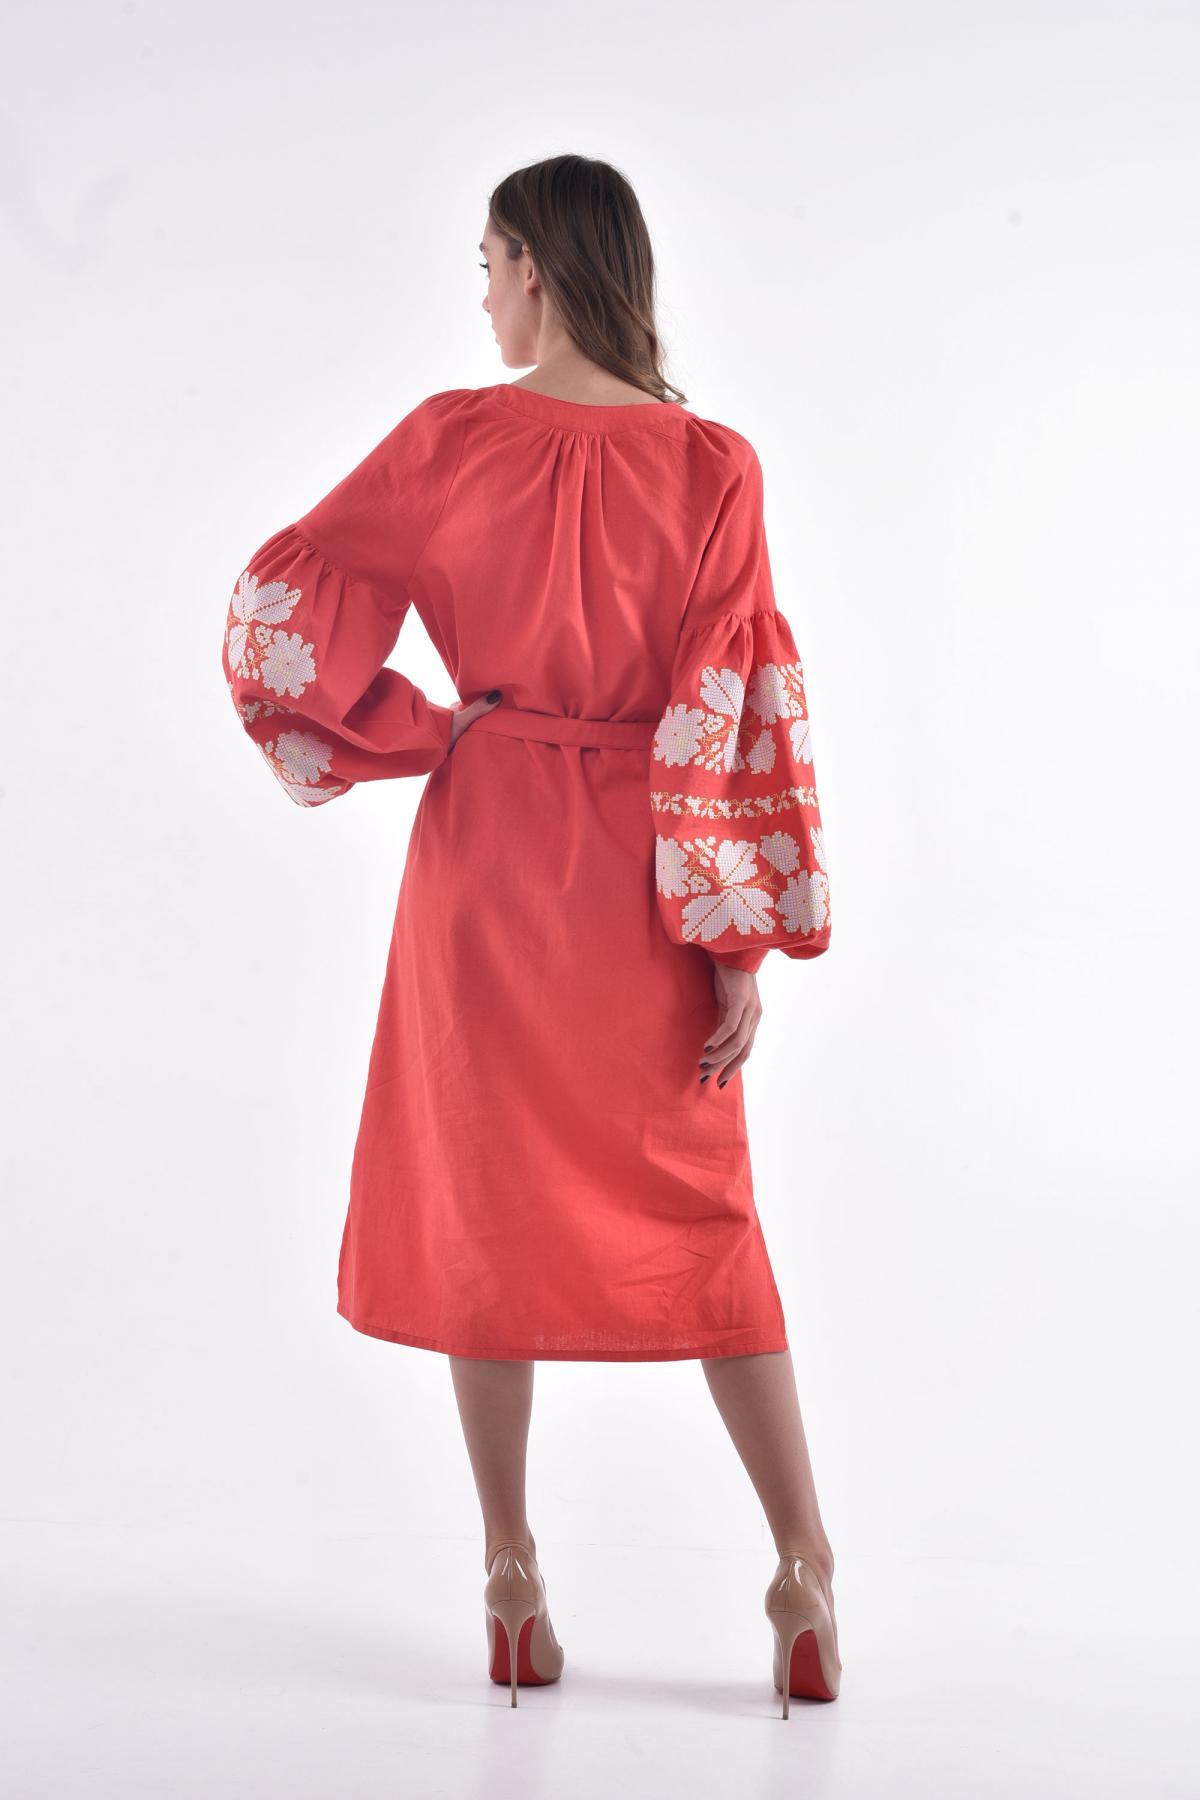 Платье вышитое «Невесточка» коралл. Фото №2. | Народный дом Украина